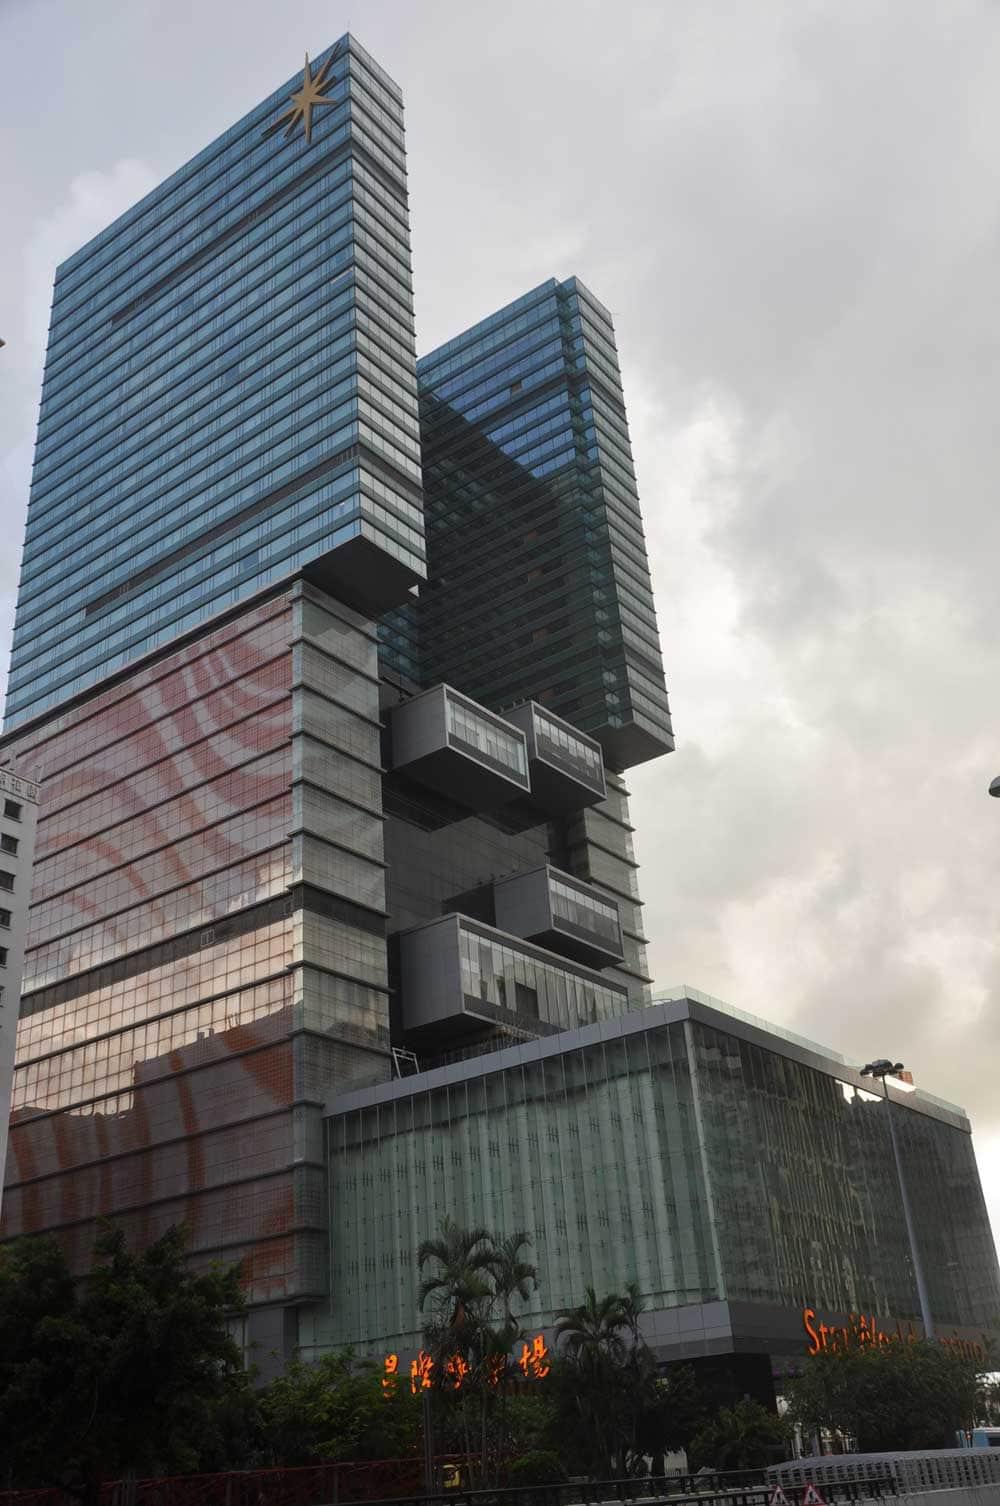 Starworld Macau outside picture